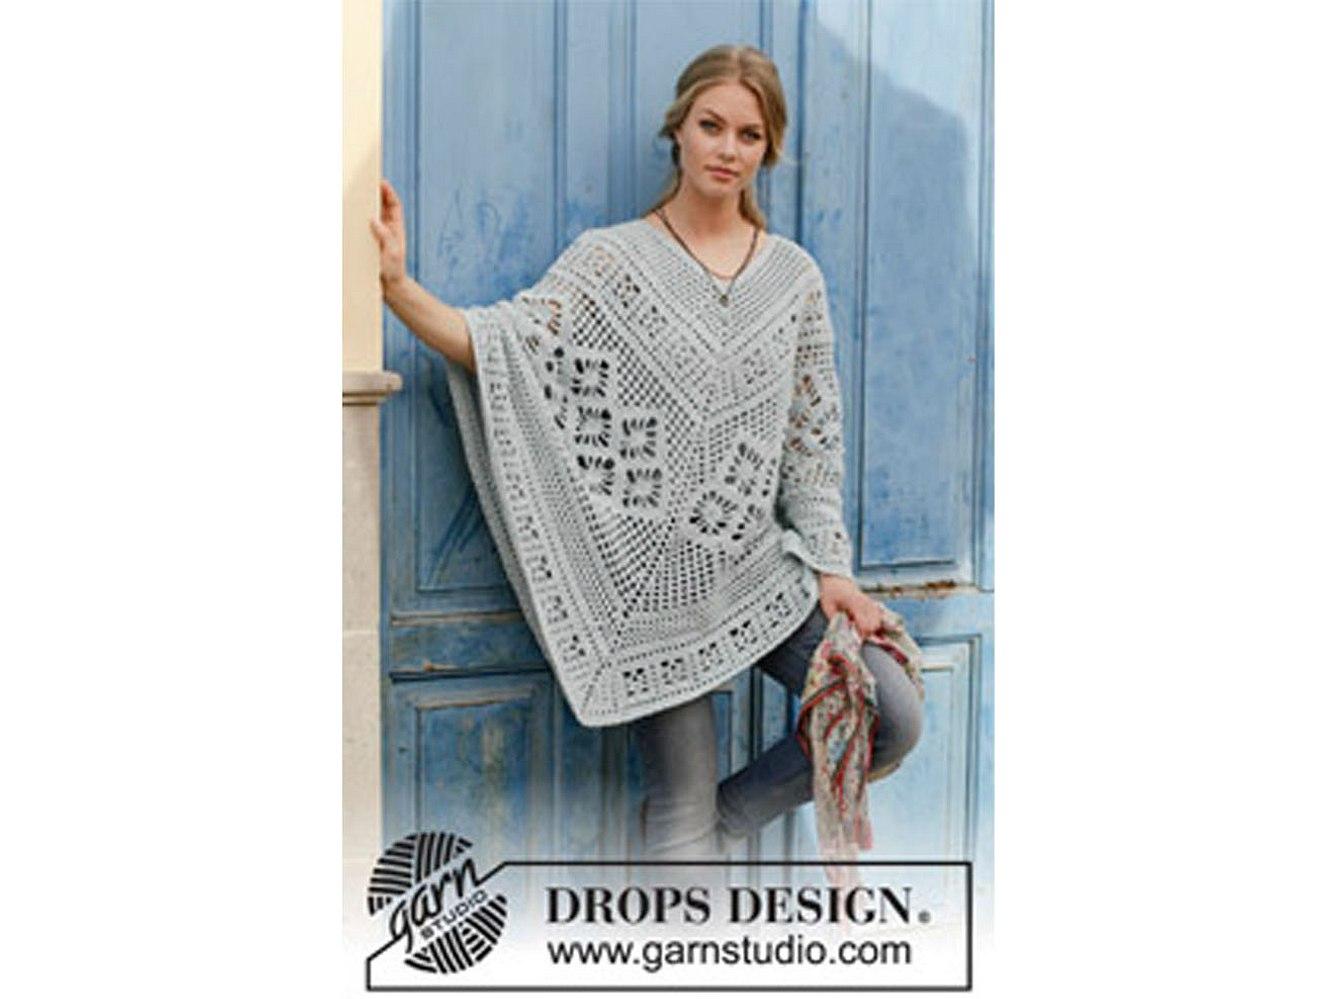 Mit seiner Farbe lässt sich der Poncho wunderbar mit anderen Kleidungsstücken kombinieren.